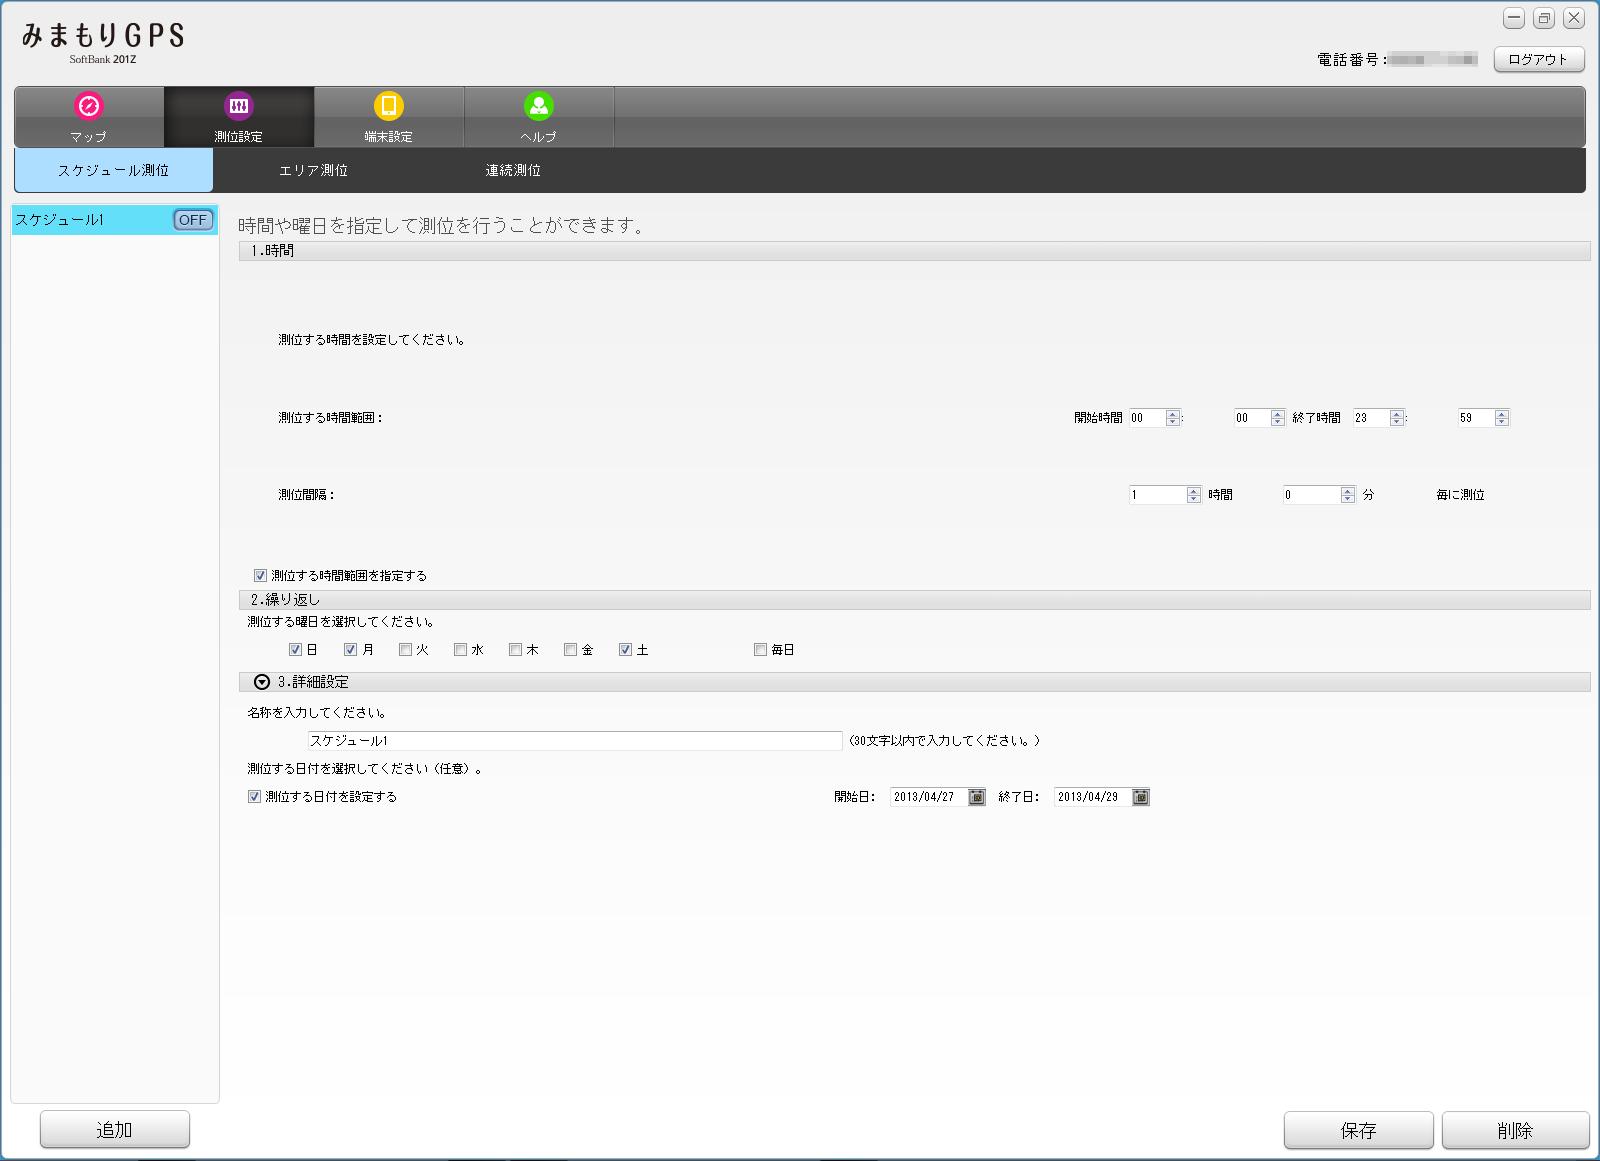 「スケジュール測位」の設定画面